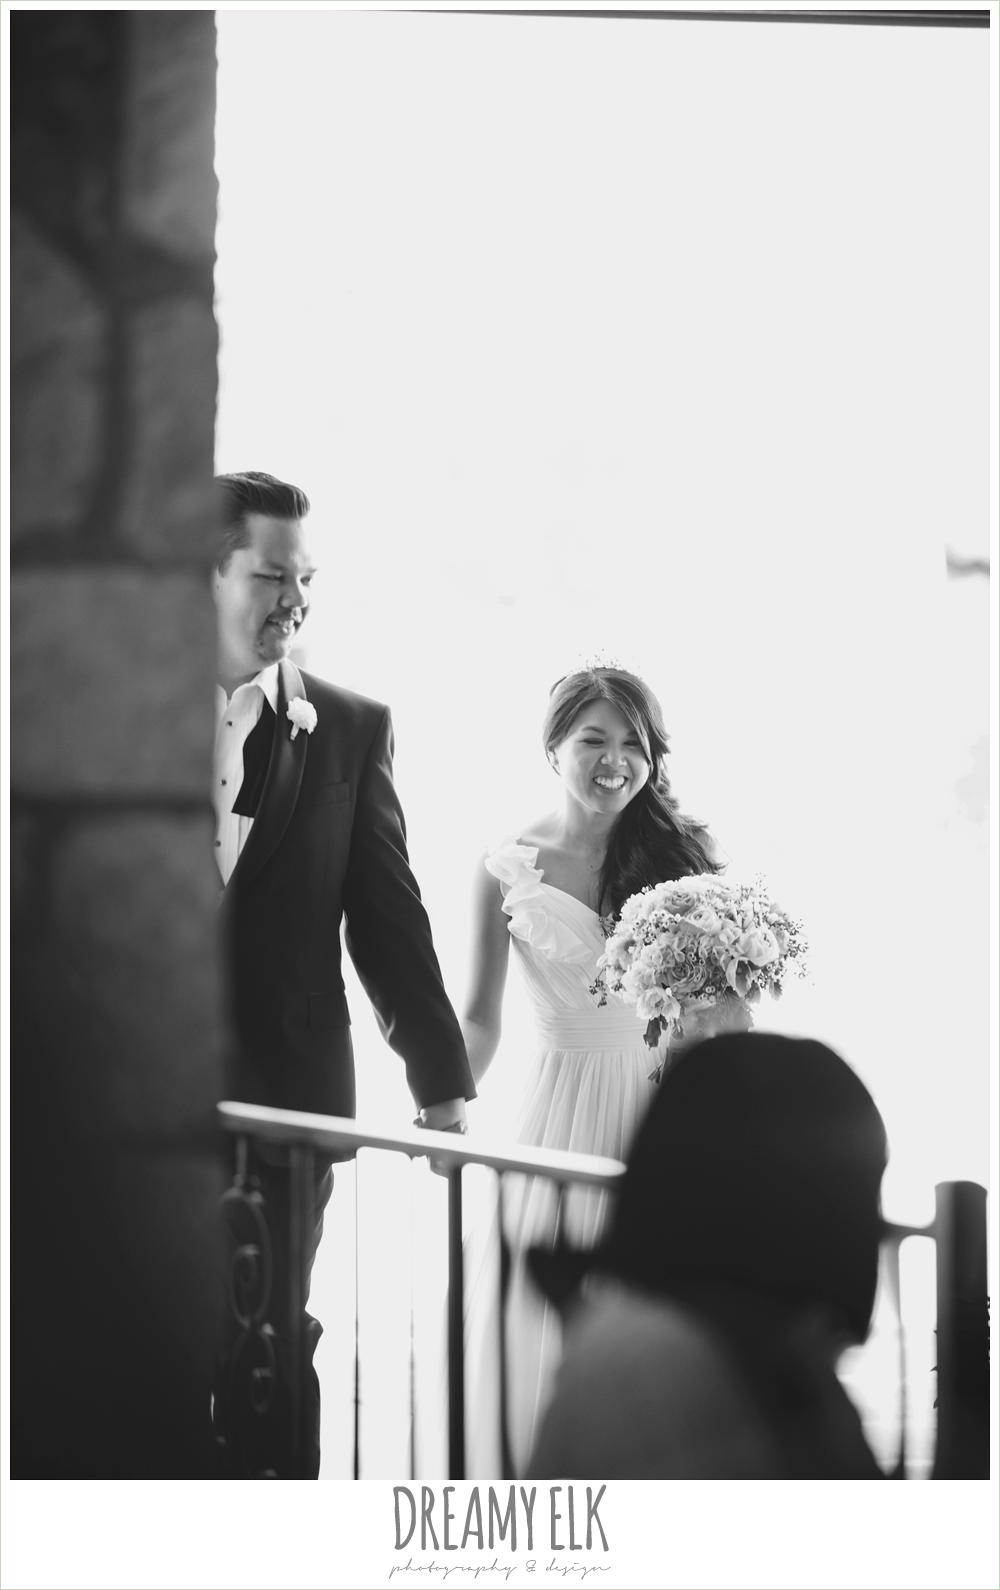 bride and groom reception entrance, la hacienda, dripping springs, texas {dreamy elk photography and design} photo